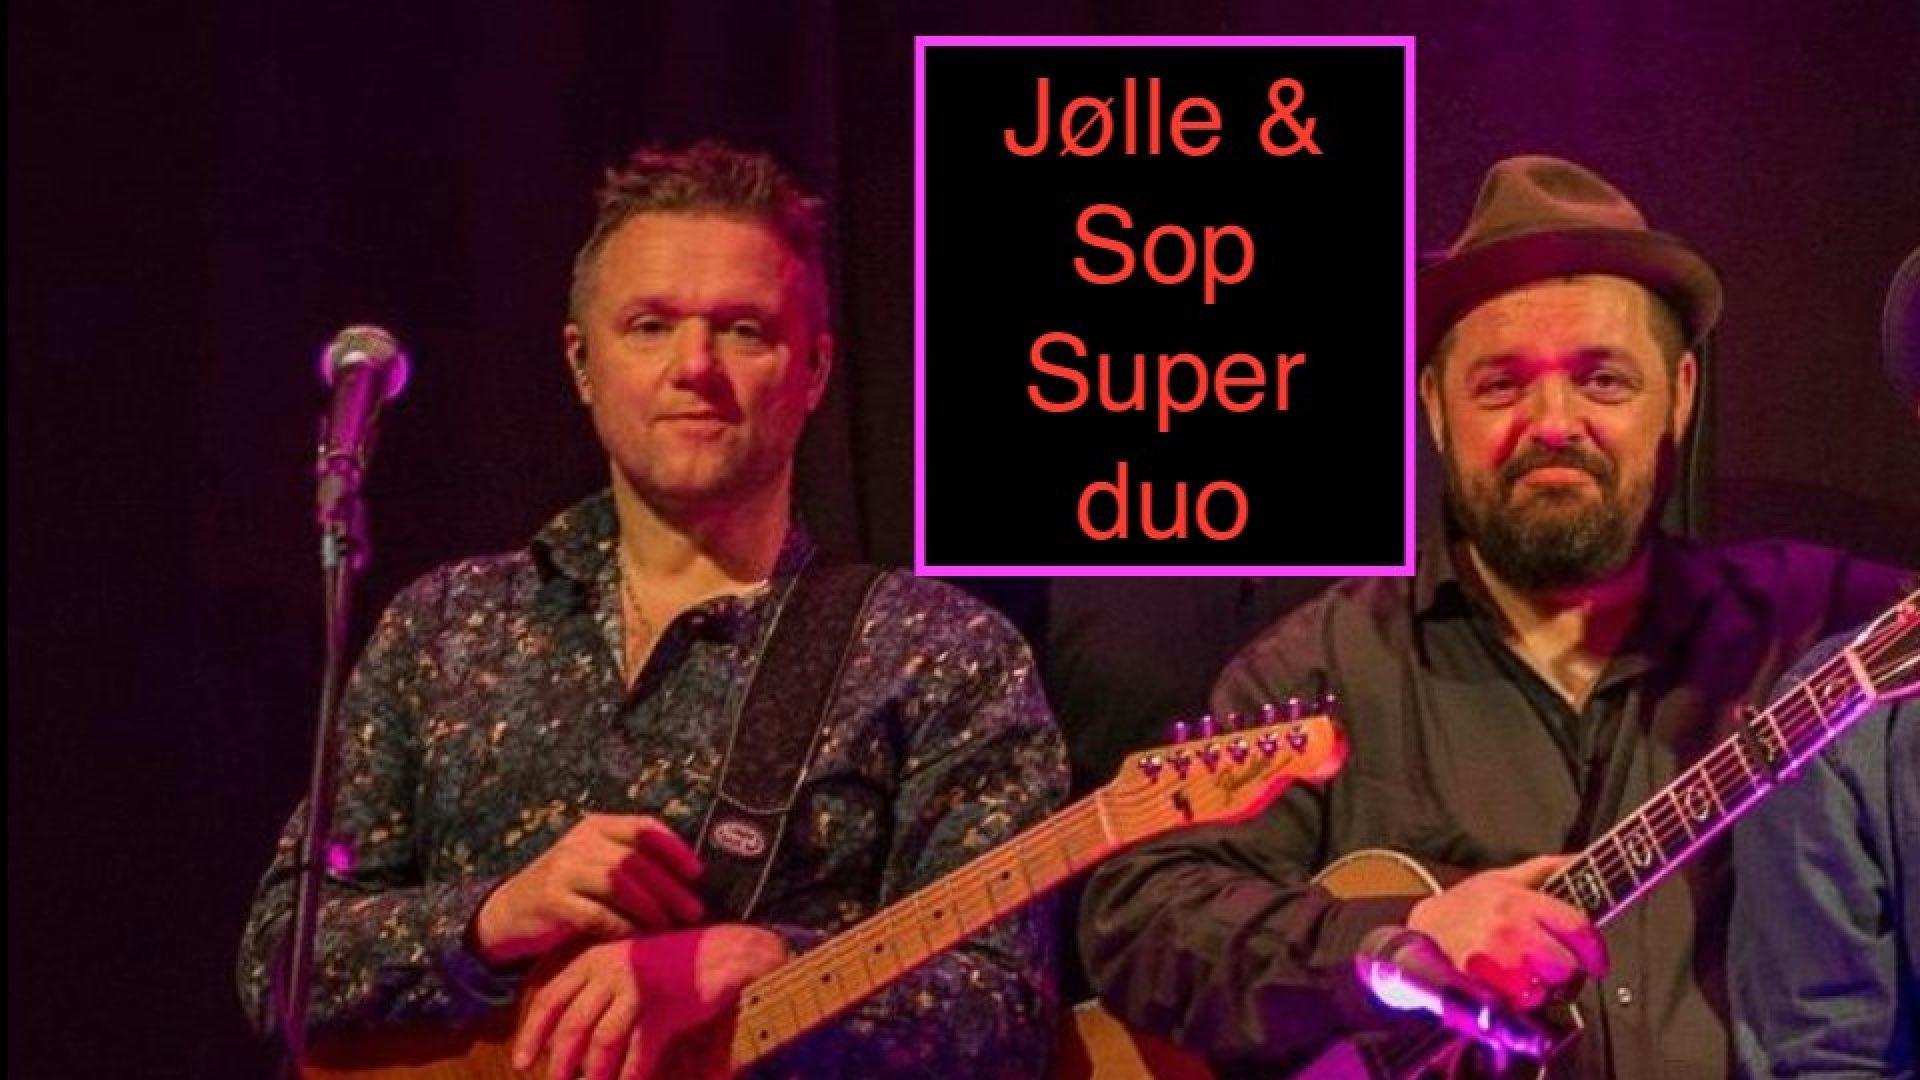 Jølle & Sop Super duo